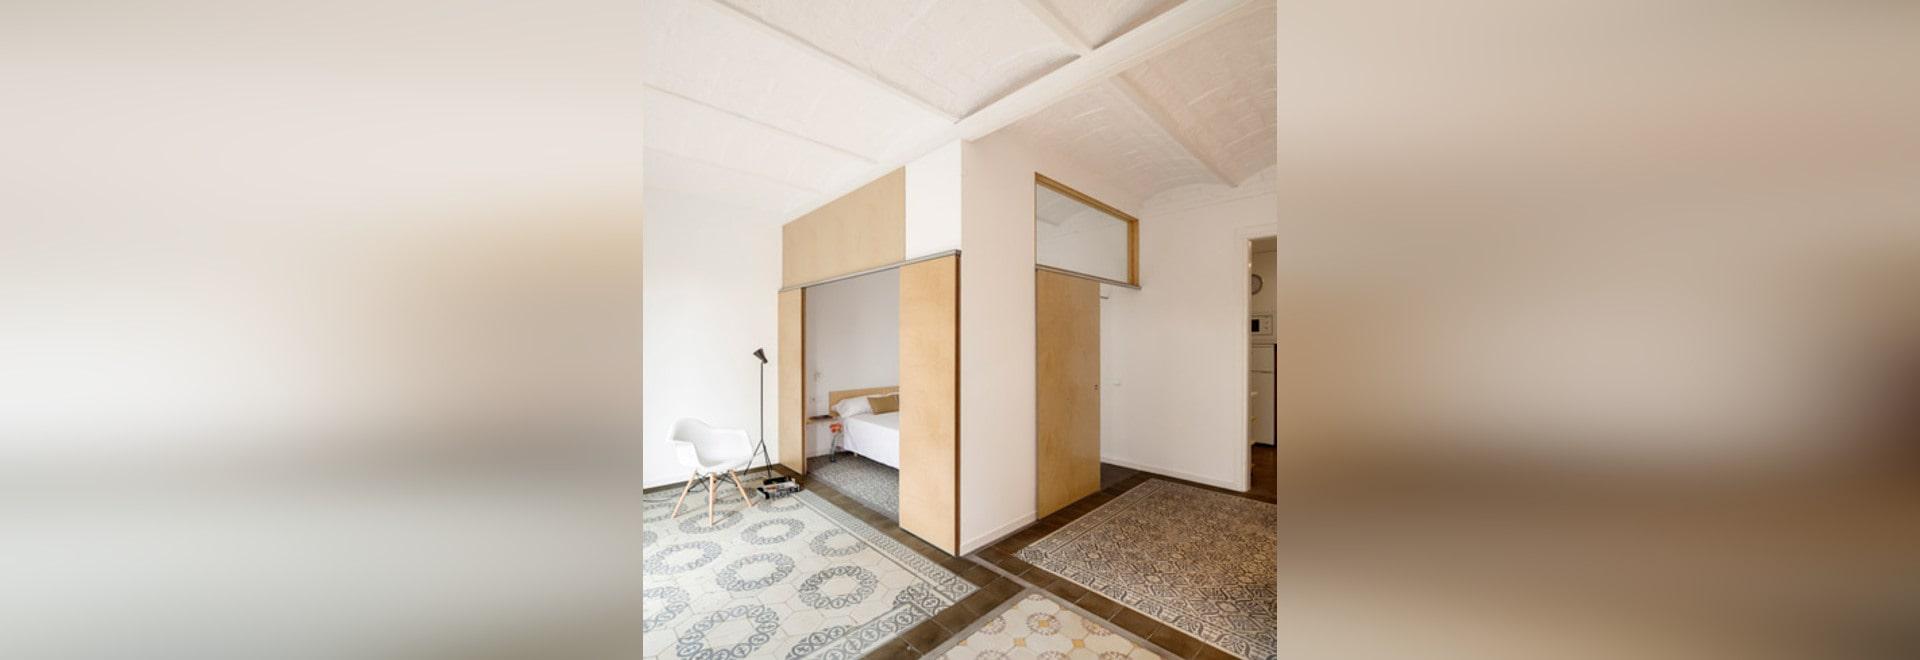 Adrian Elizalde erneuert Dreißigerjahre mit Ziegeln gedeckte Wohnung ...